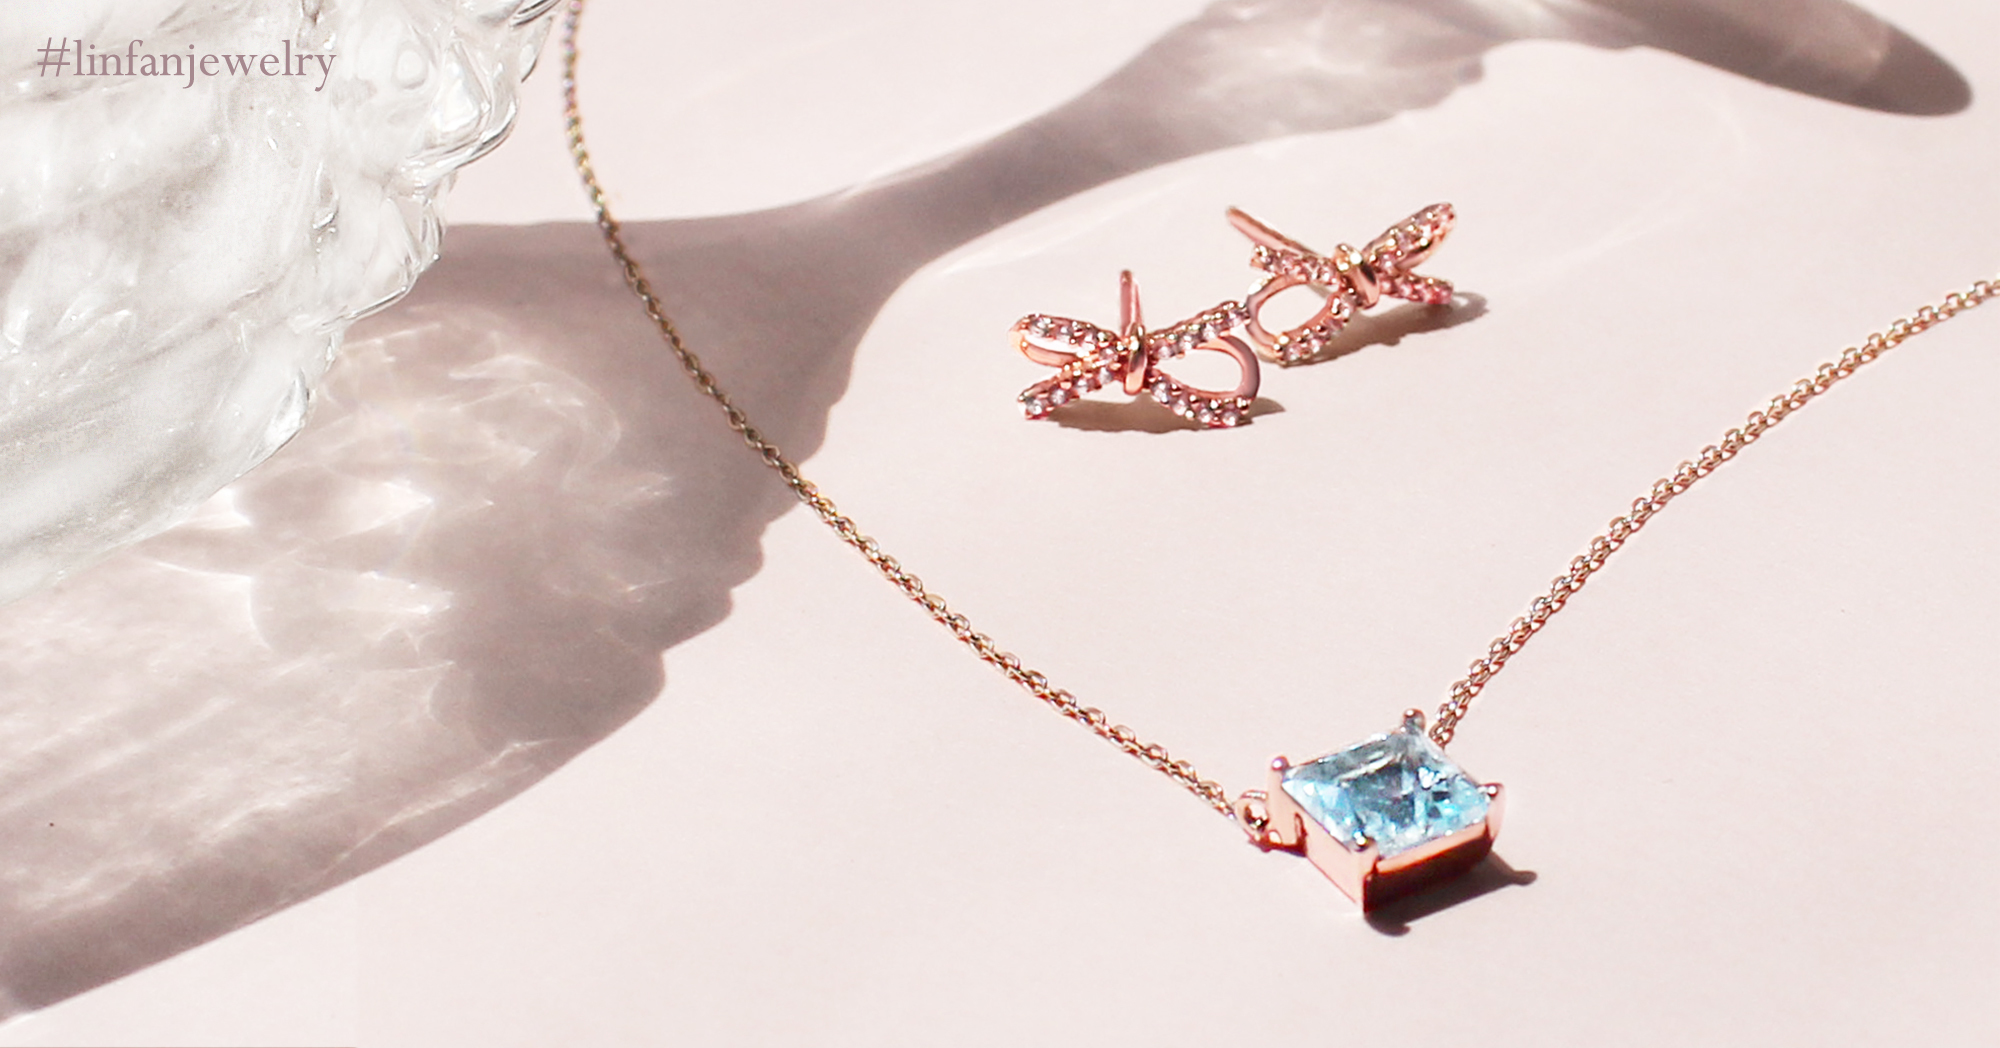 linfanjewelry梨汎輕珠寶藍冰拓帕項鍊